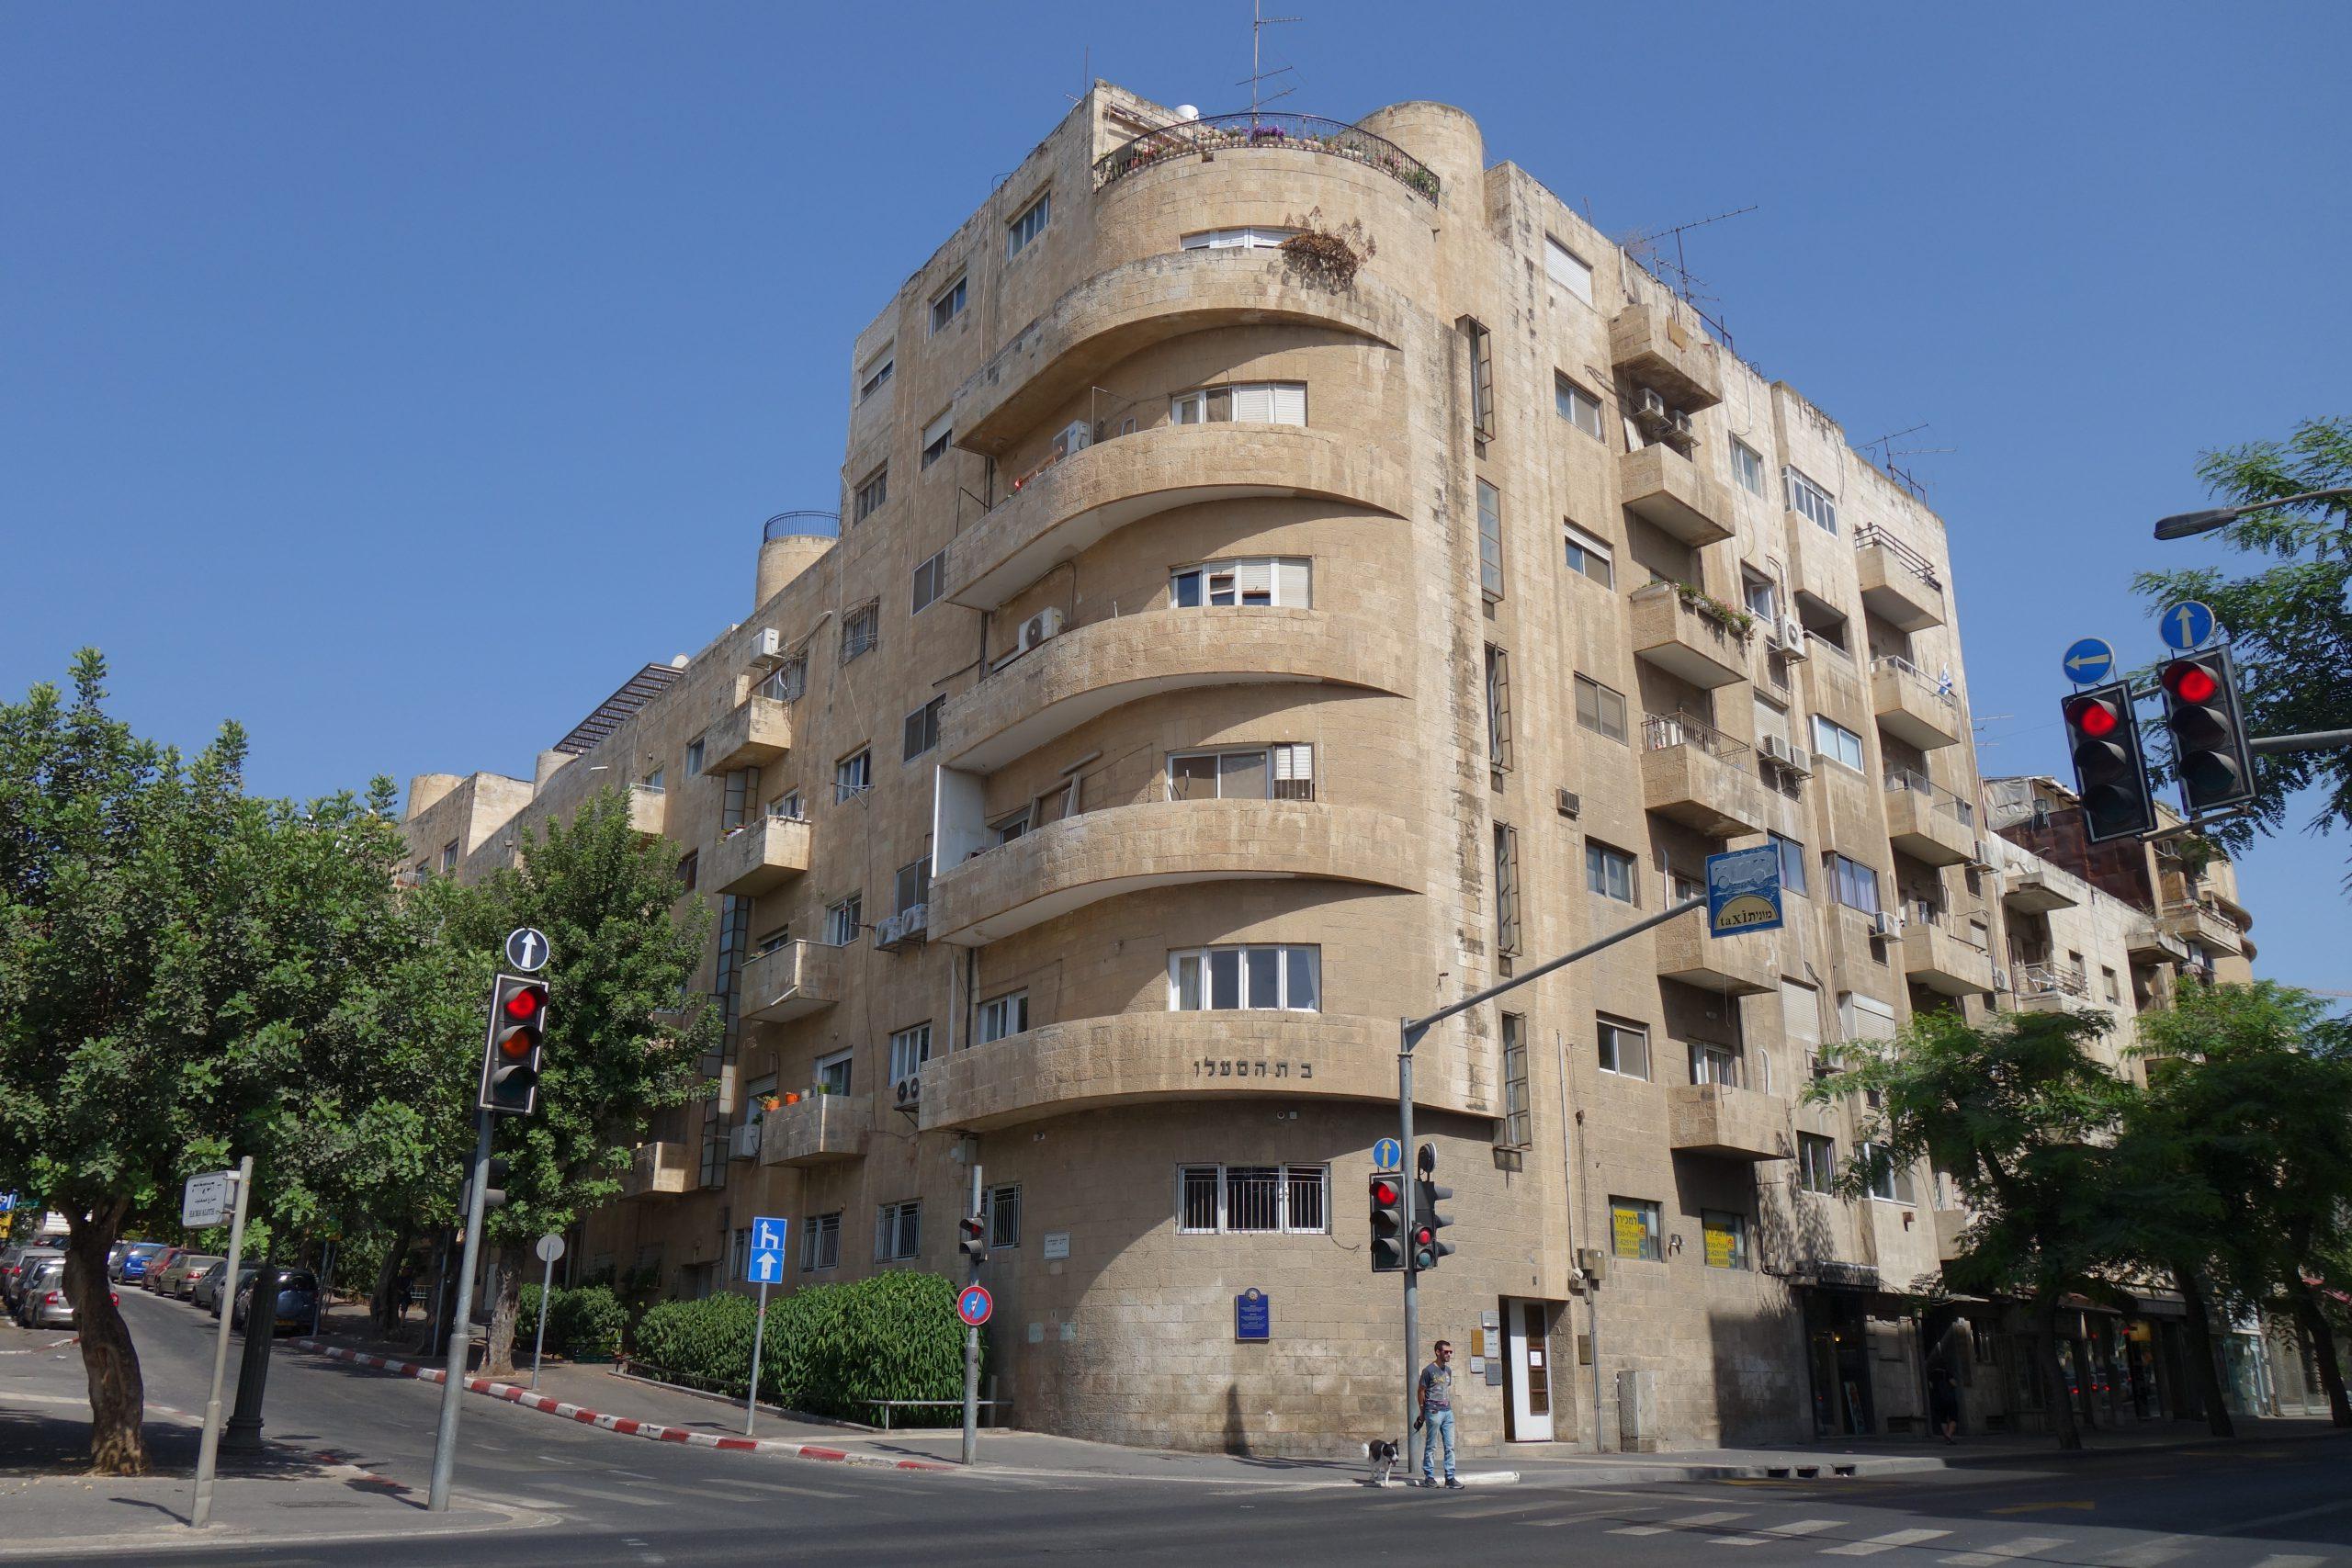 בית המעלות בתכנון האדריכלים אלכסנדר פרידמן ומאיר רובין בירושלים.